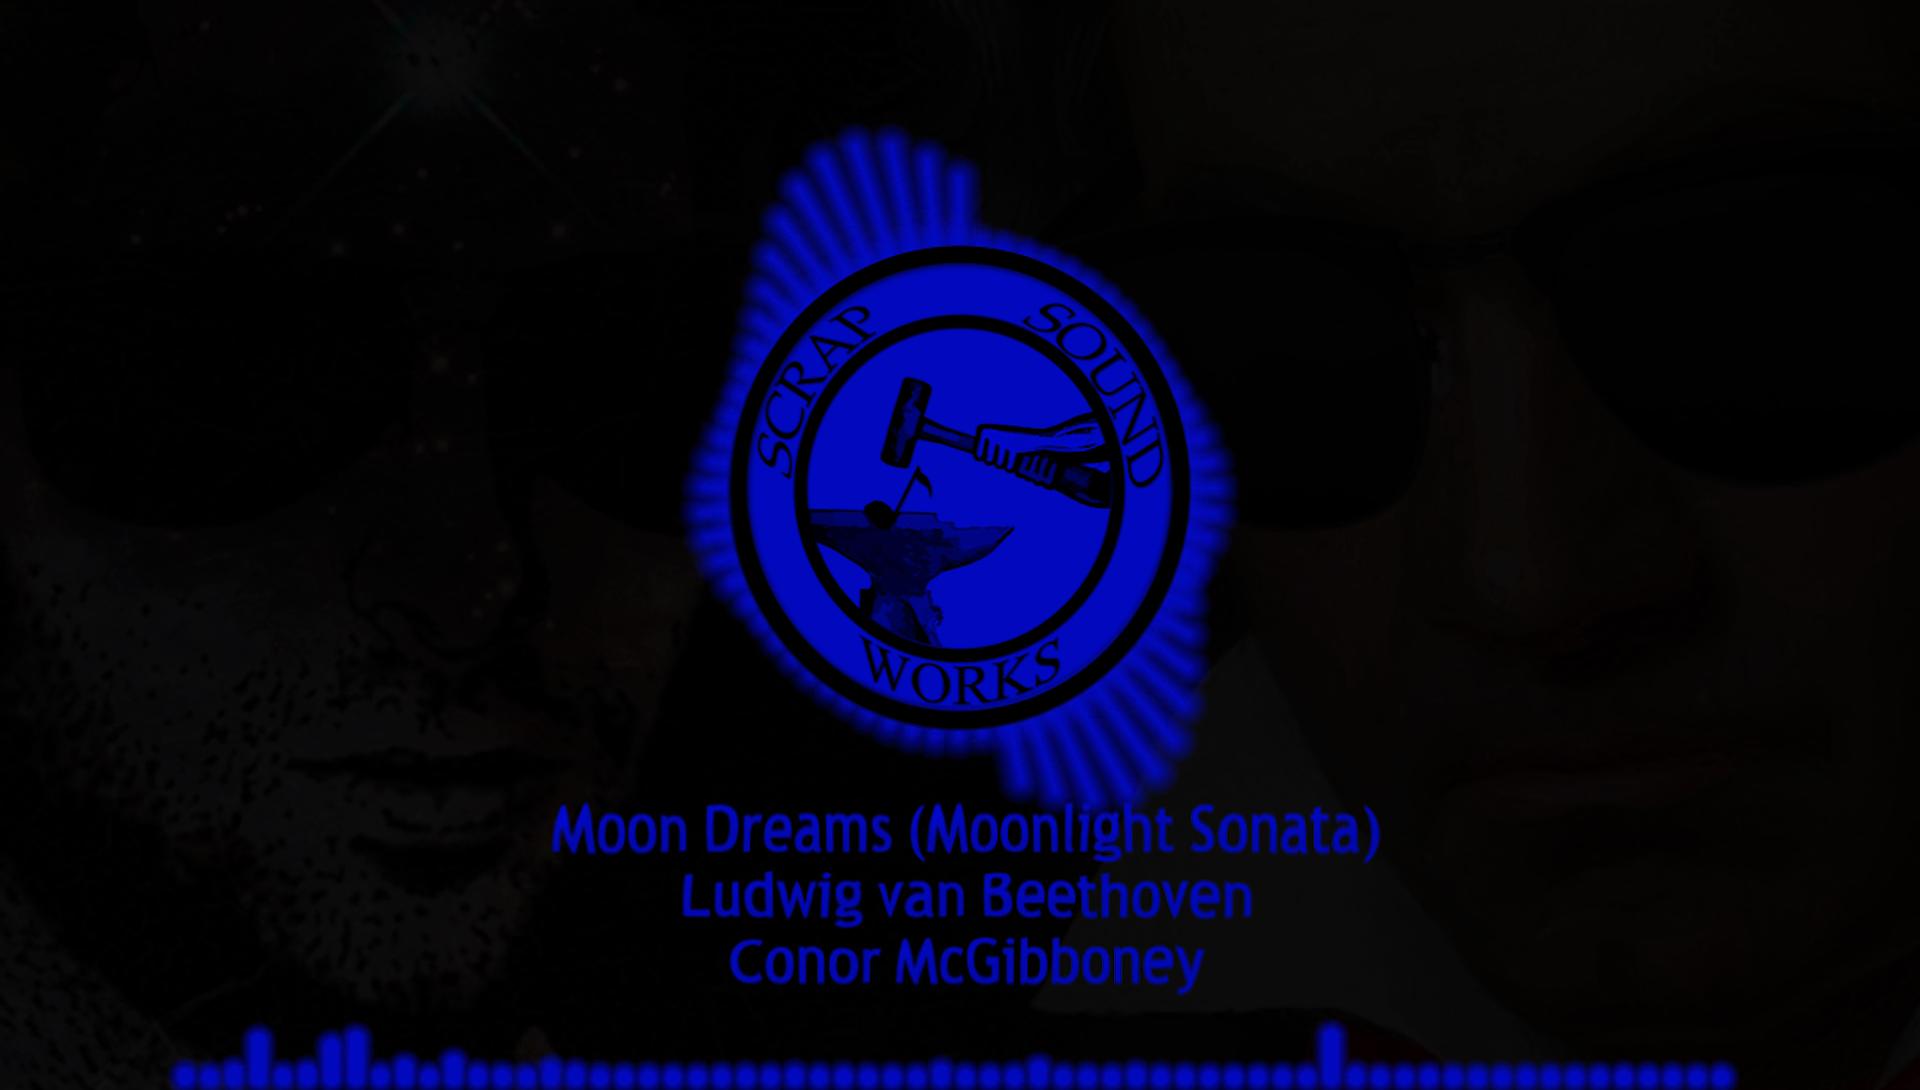 Moon Dreams (Moonlight Sonata) – Conor McGibboney & Ludwig van Beethoven